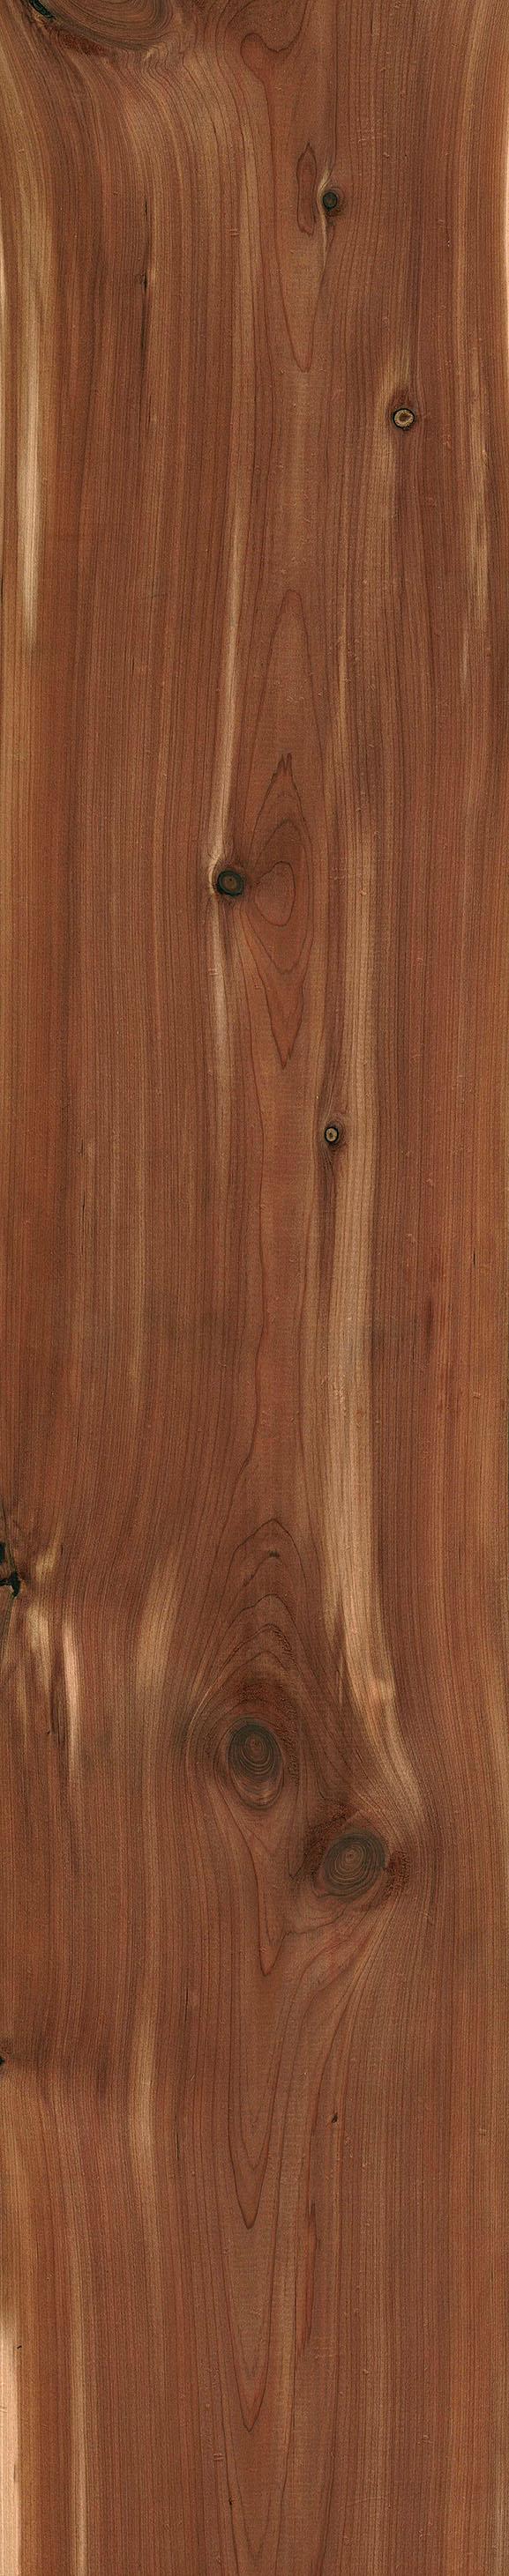 Eastern Red Cedar 29 X 5 8